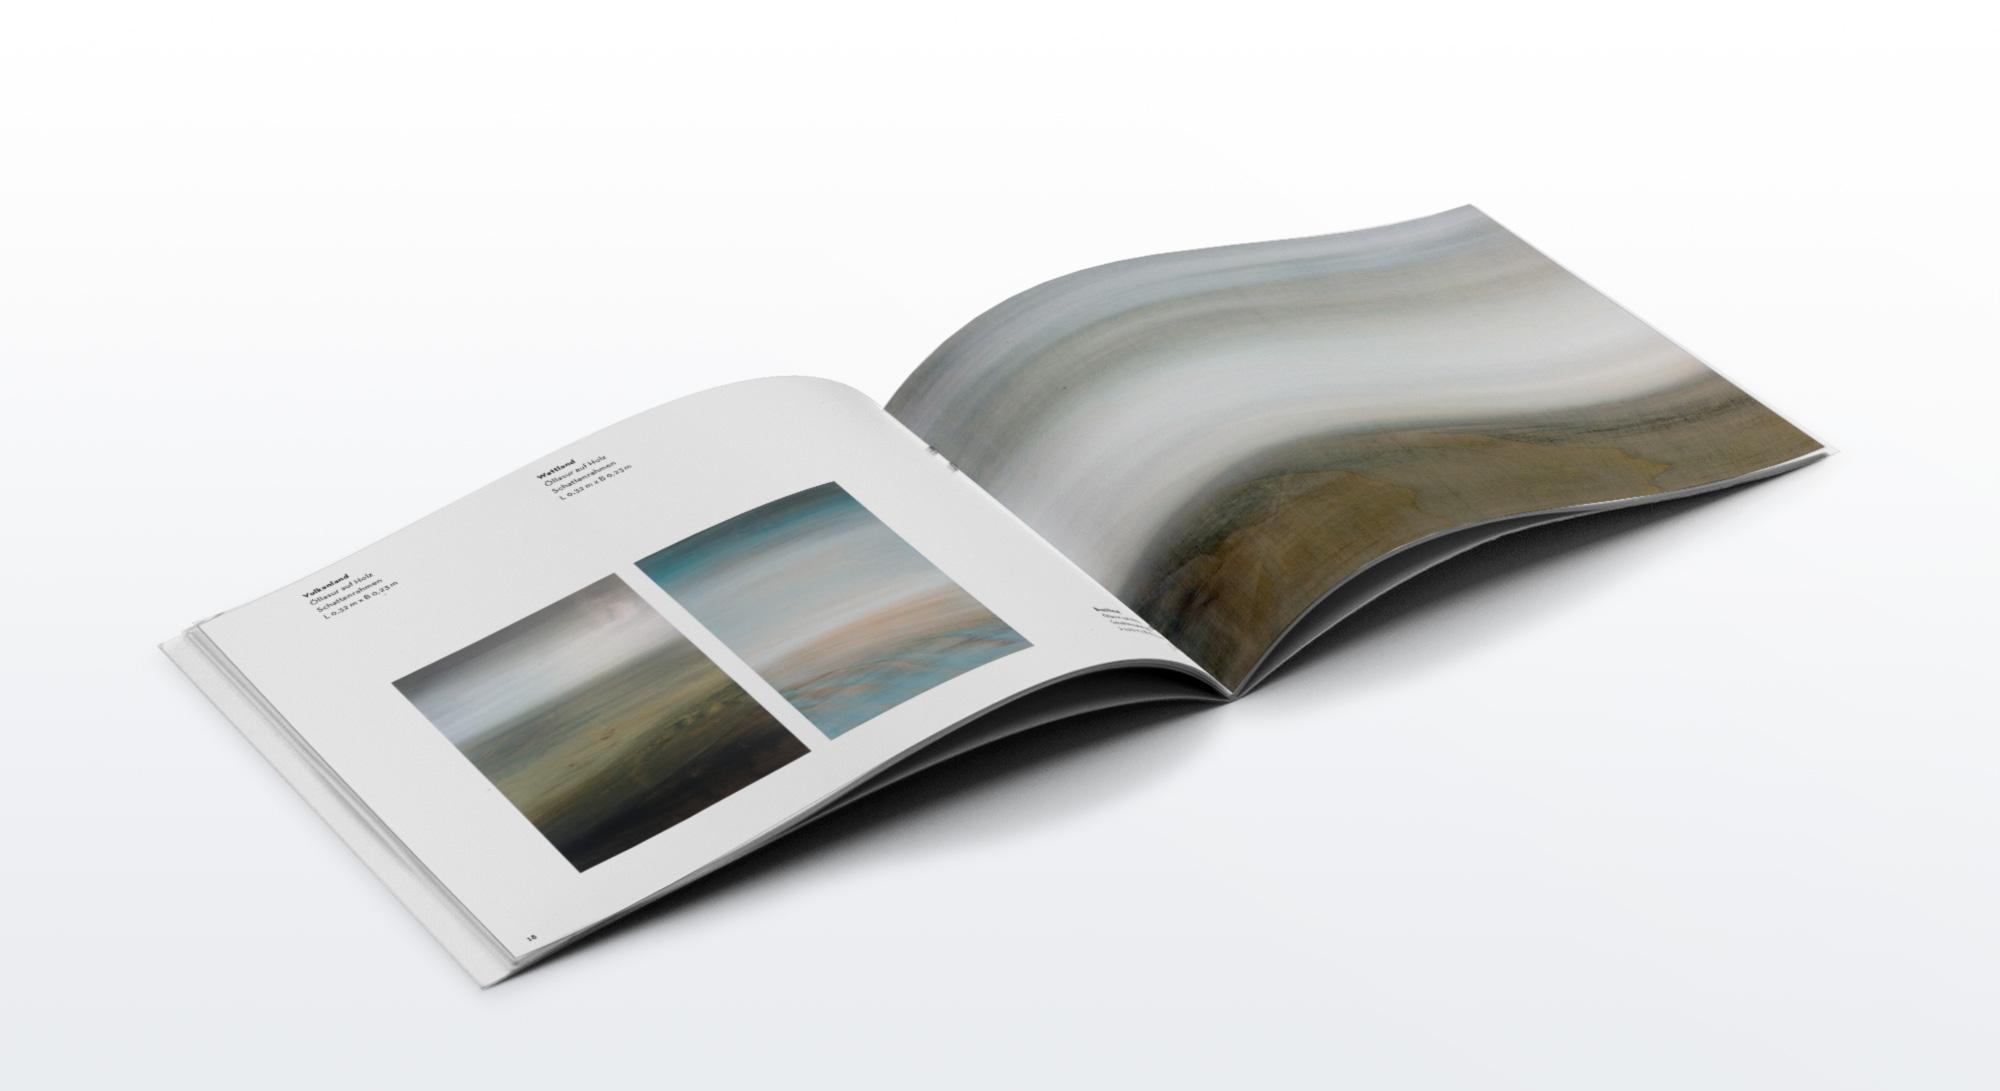 Katalog Landstriche S.18-19